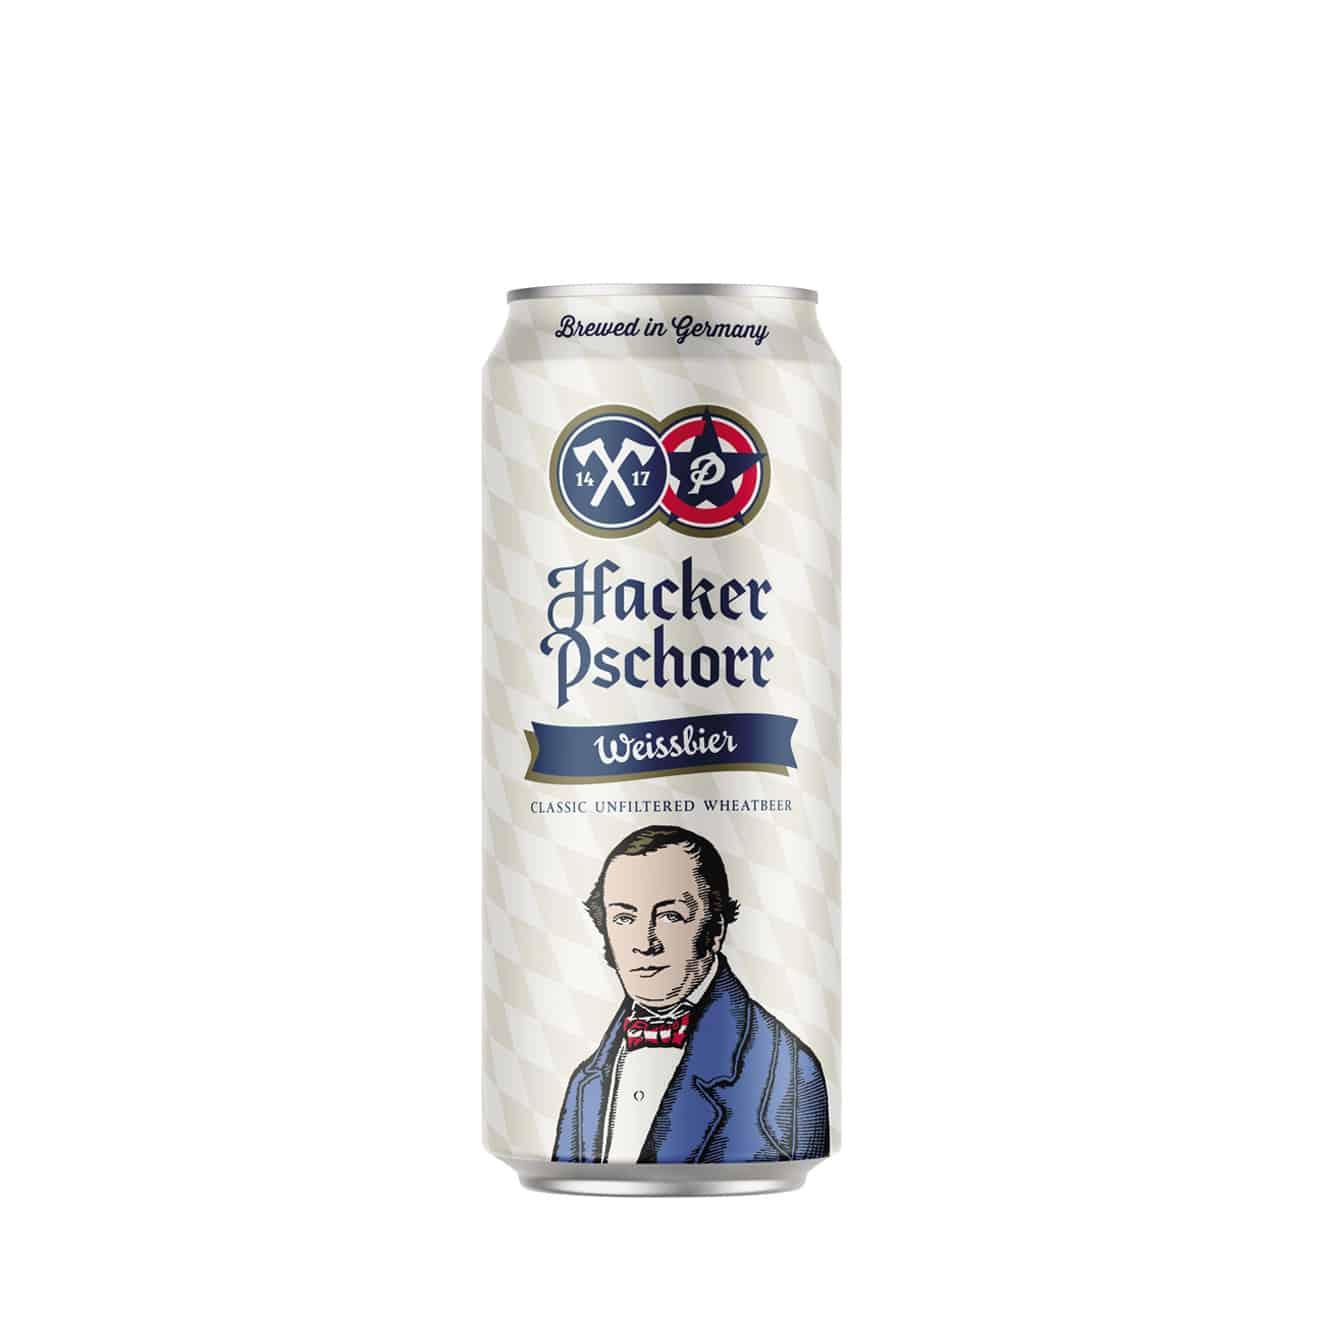 Hacker Pschorr Weissbier 0,50l